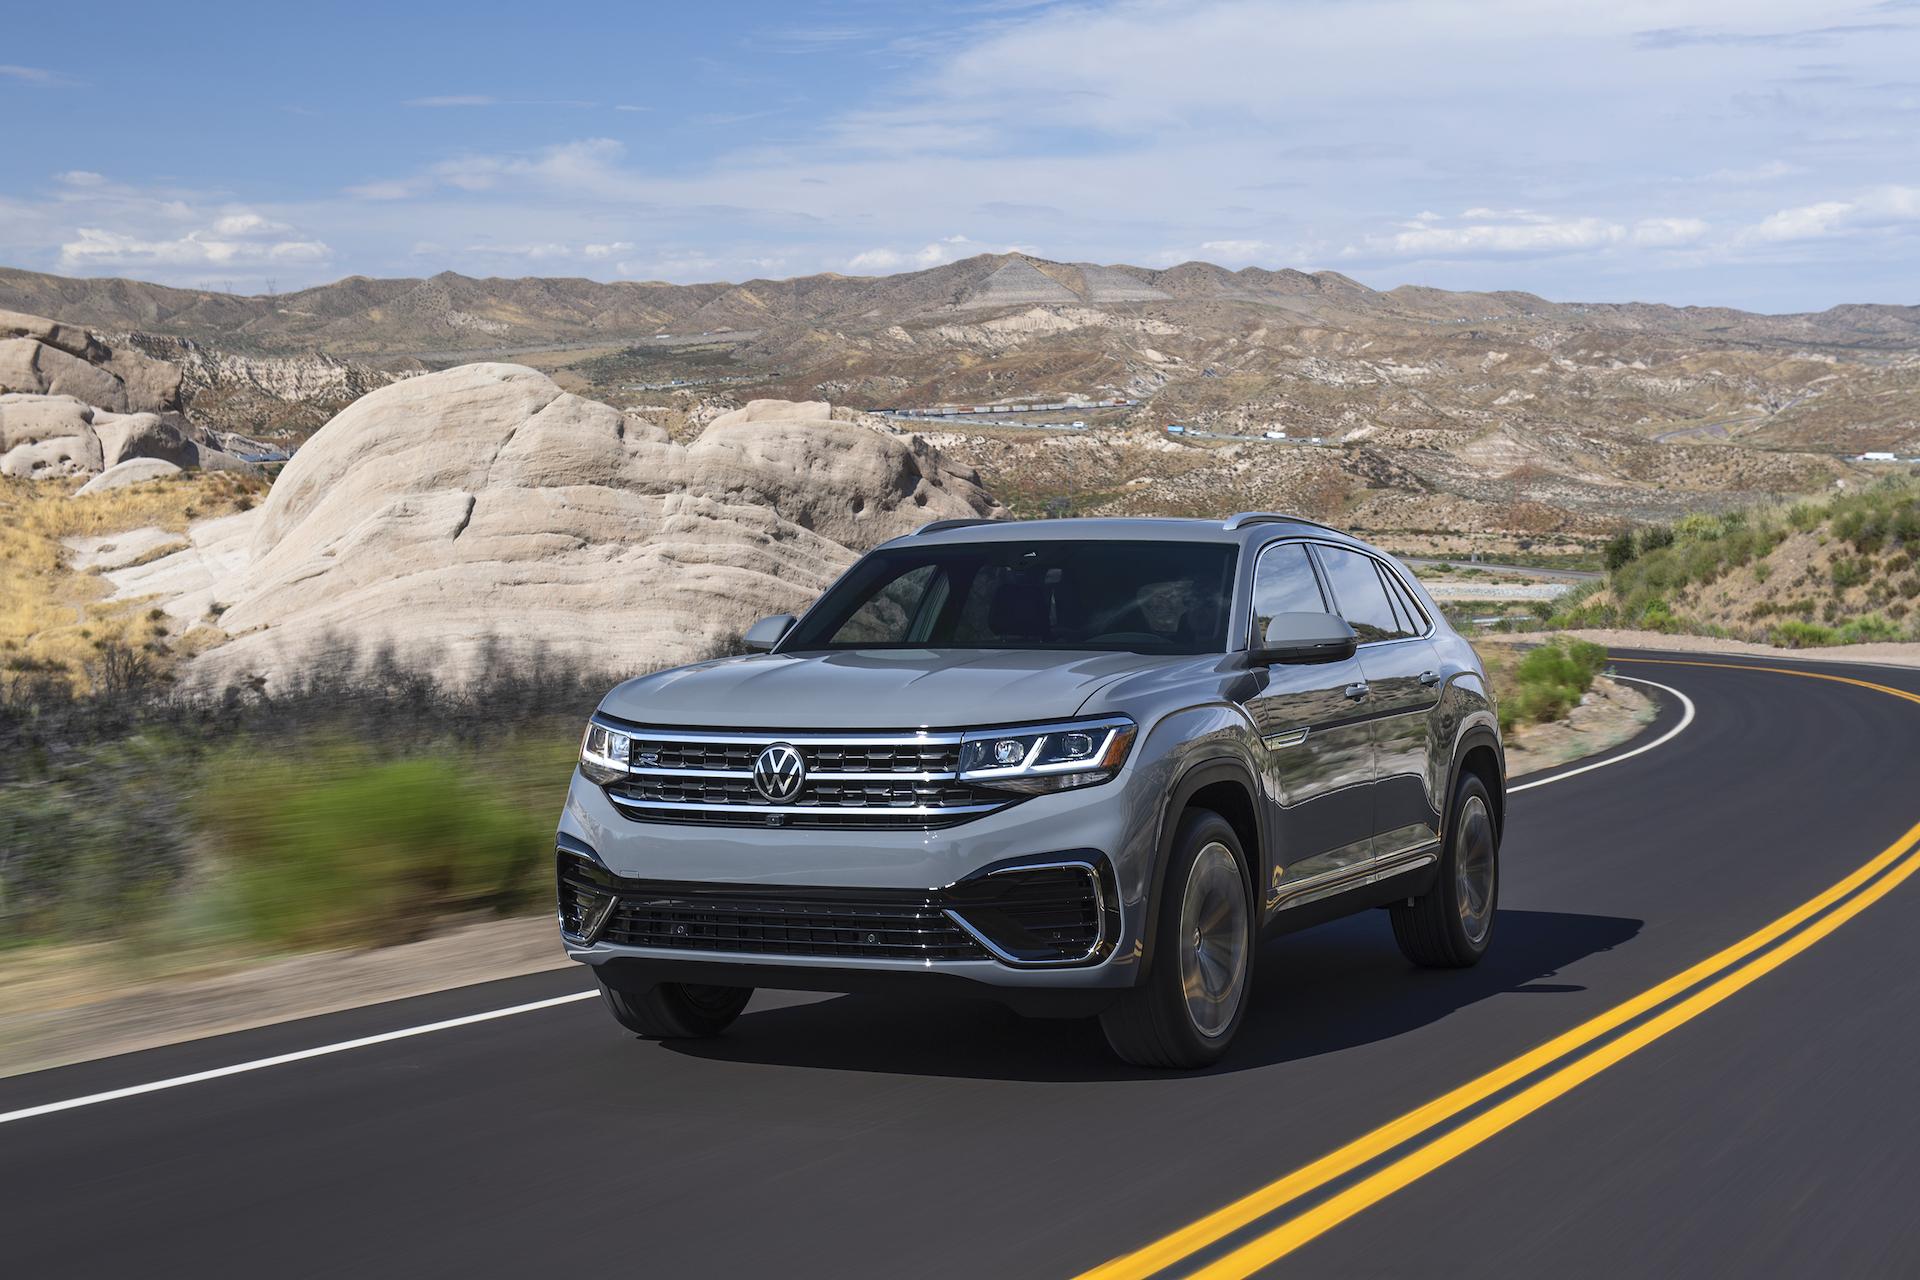 2020 Volkswagen Atlas Cross Sport Fills The Gap Between